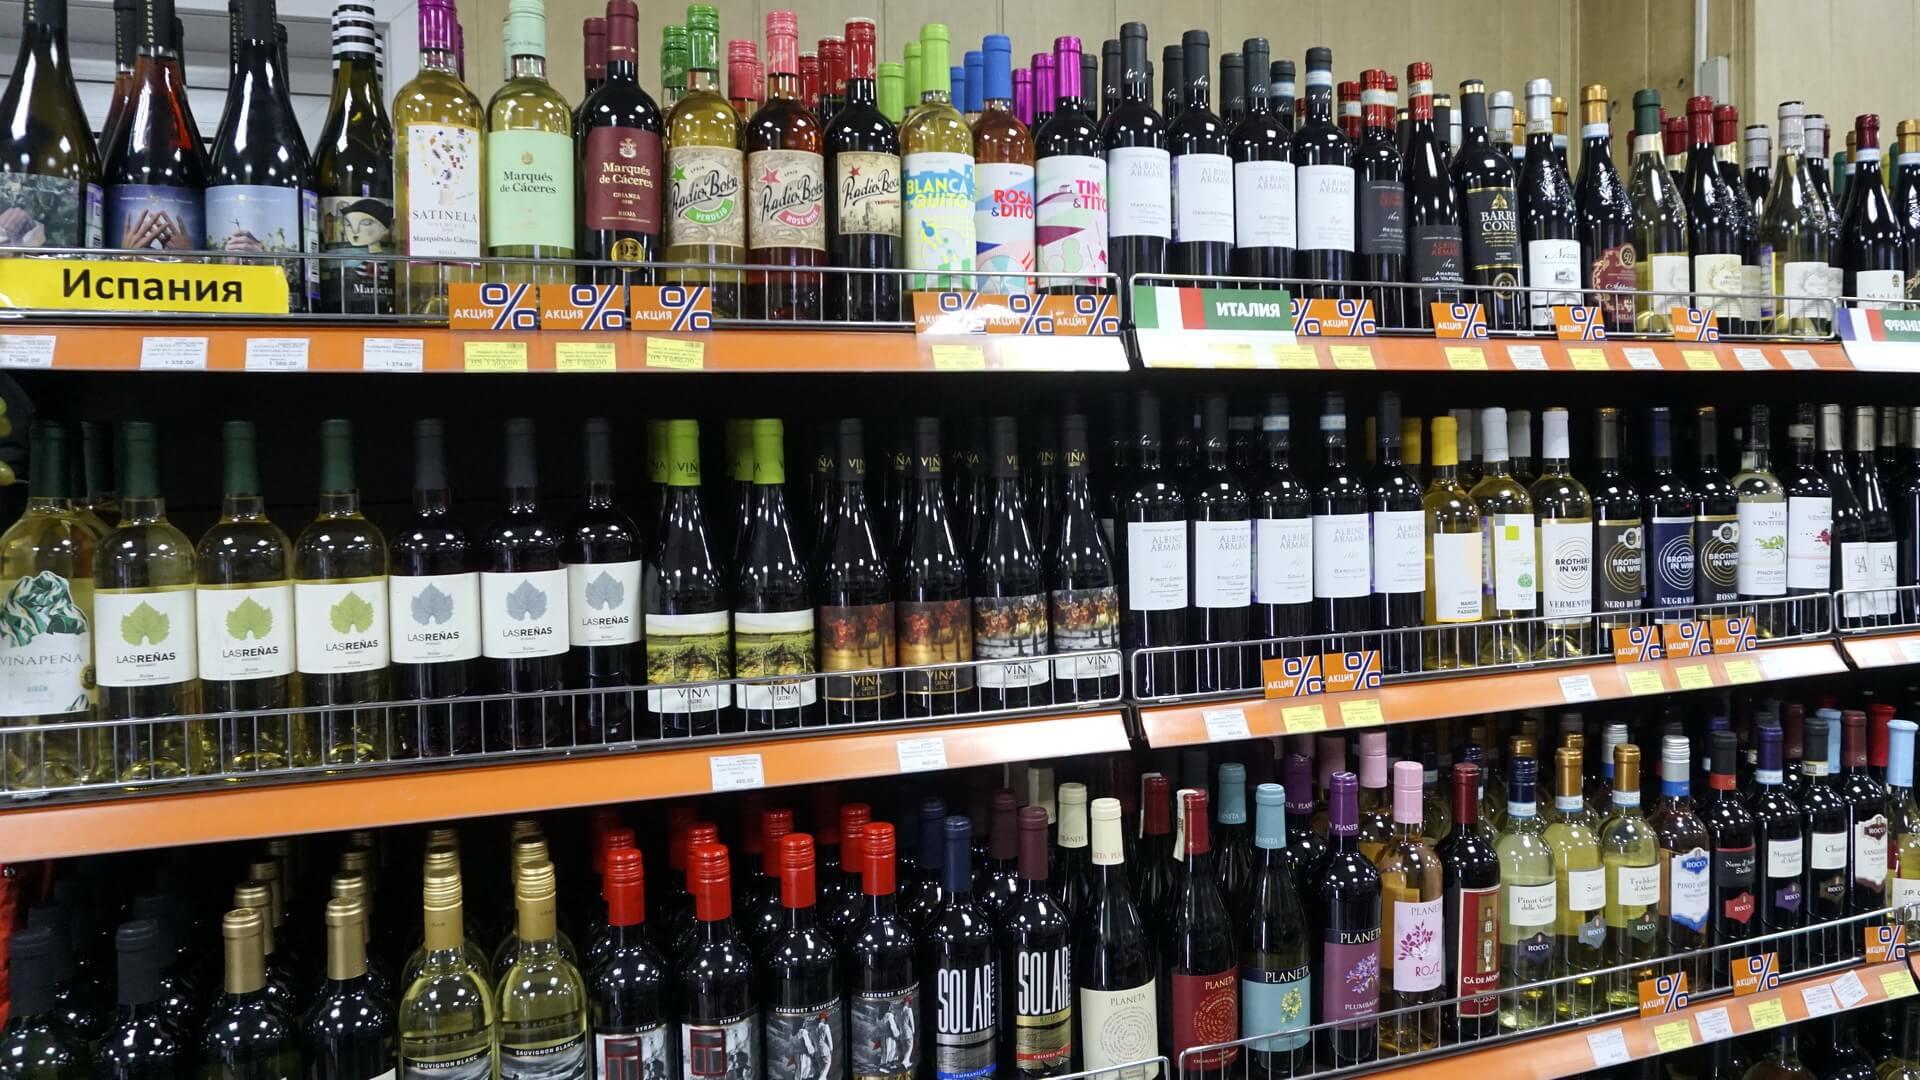 Магазин продуктов с лицензией на алкоголь